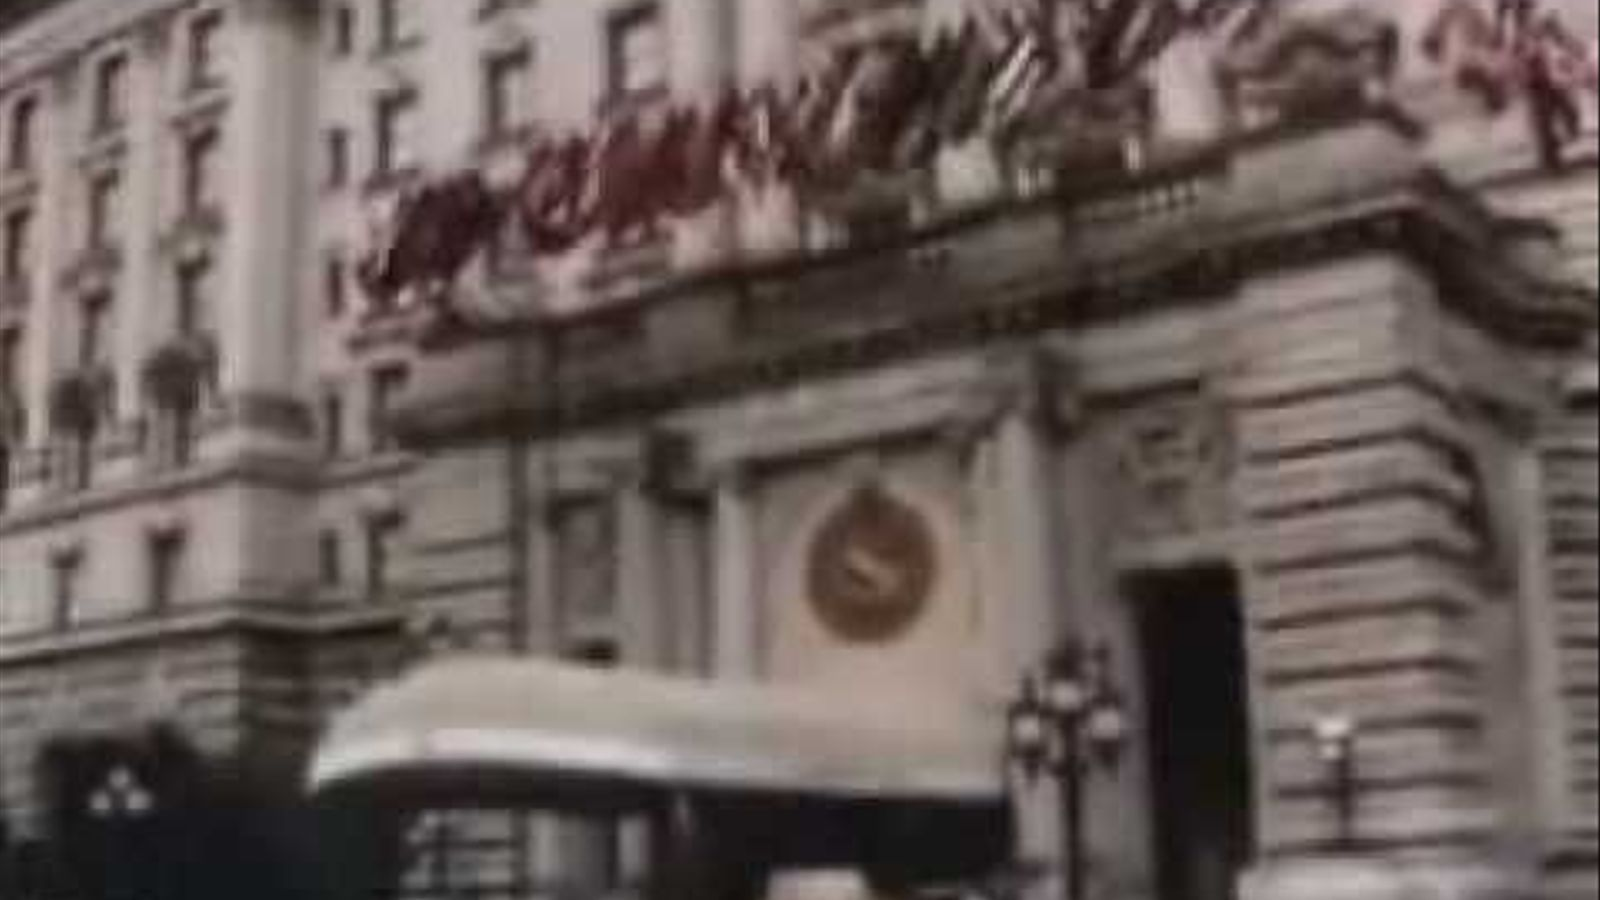 Els crèdits inicials de la sèrie dels 80 'Hotel'